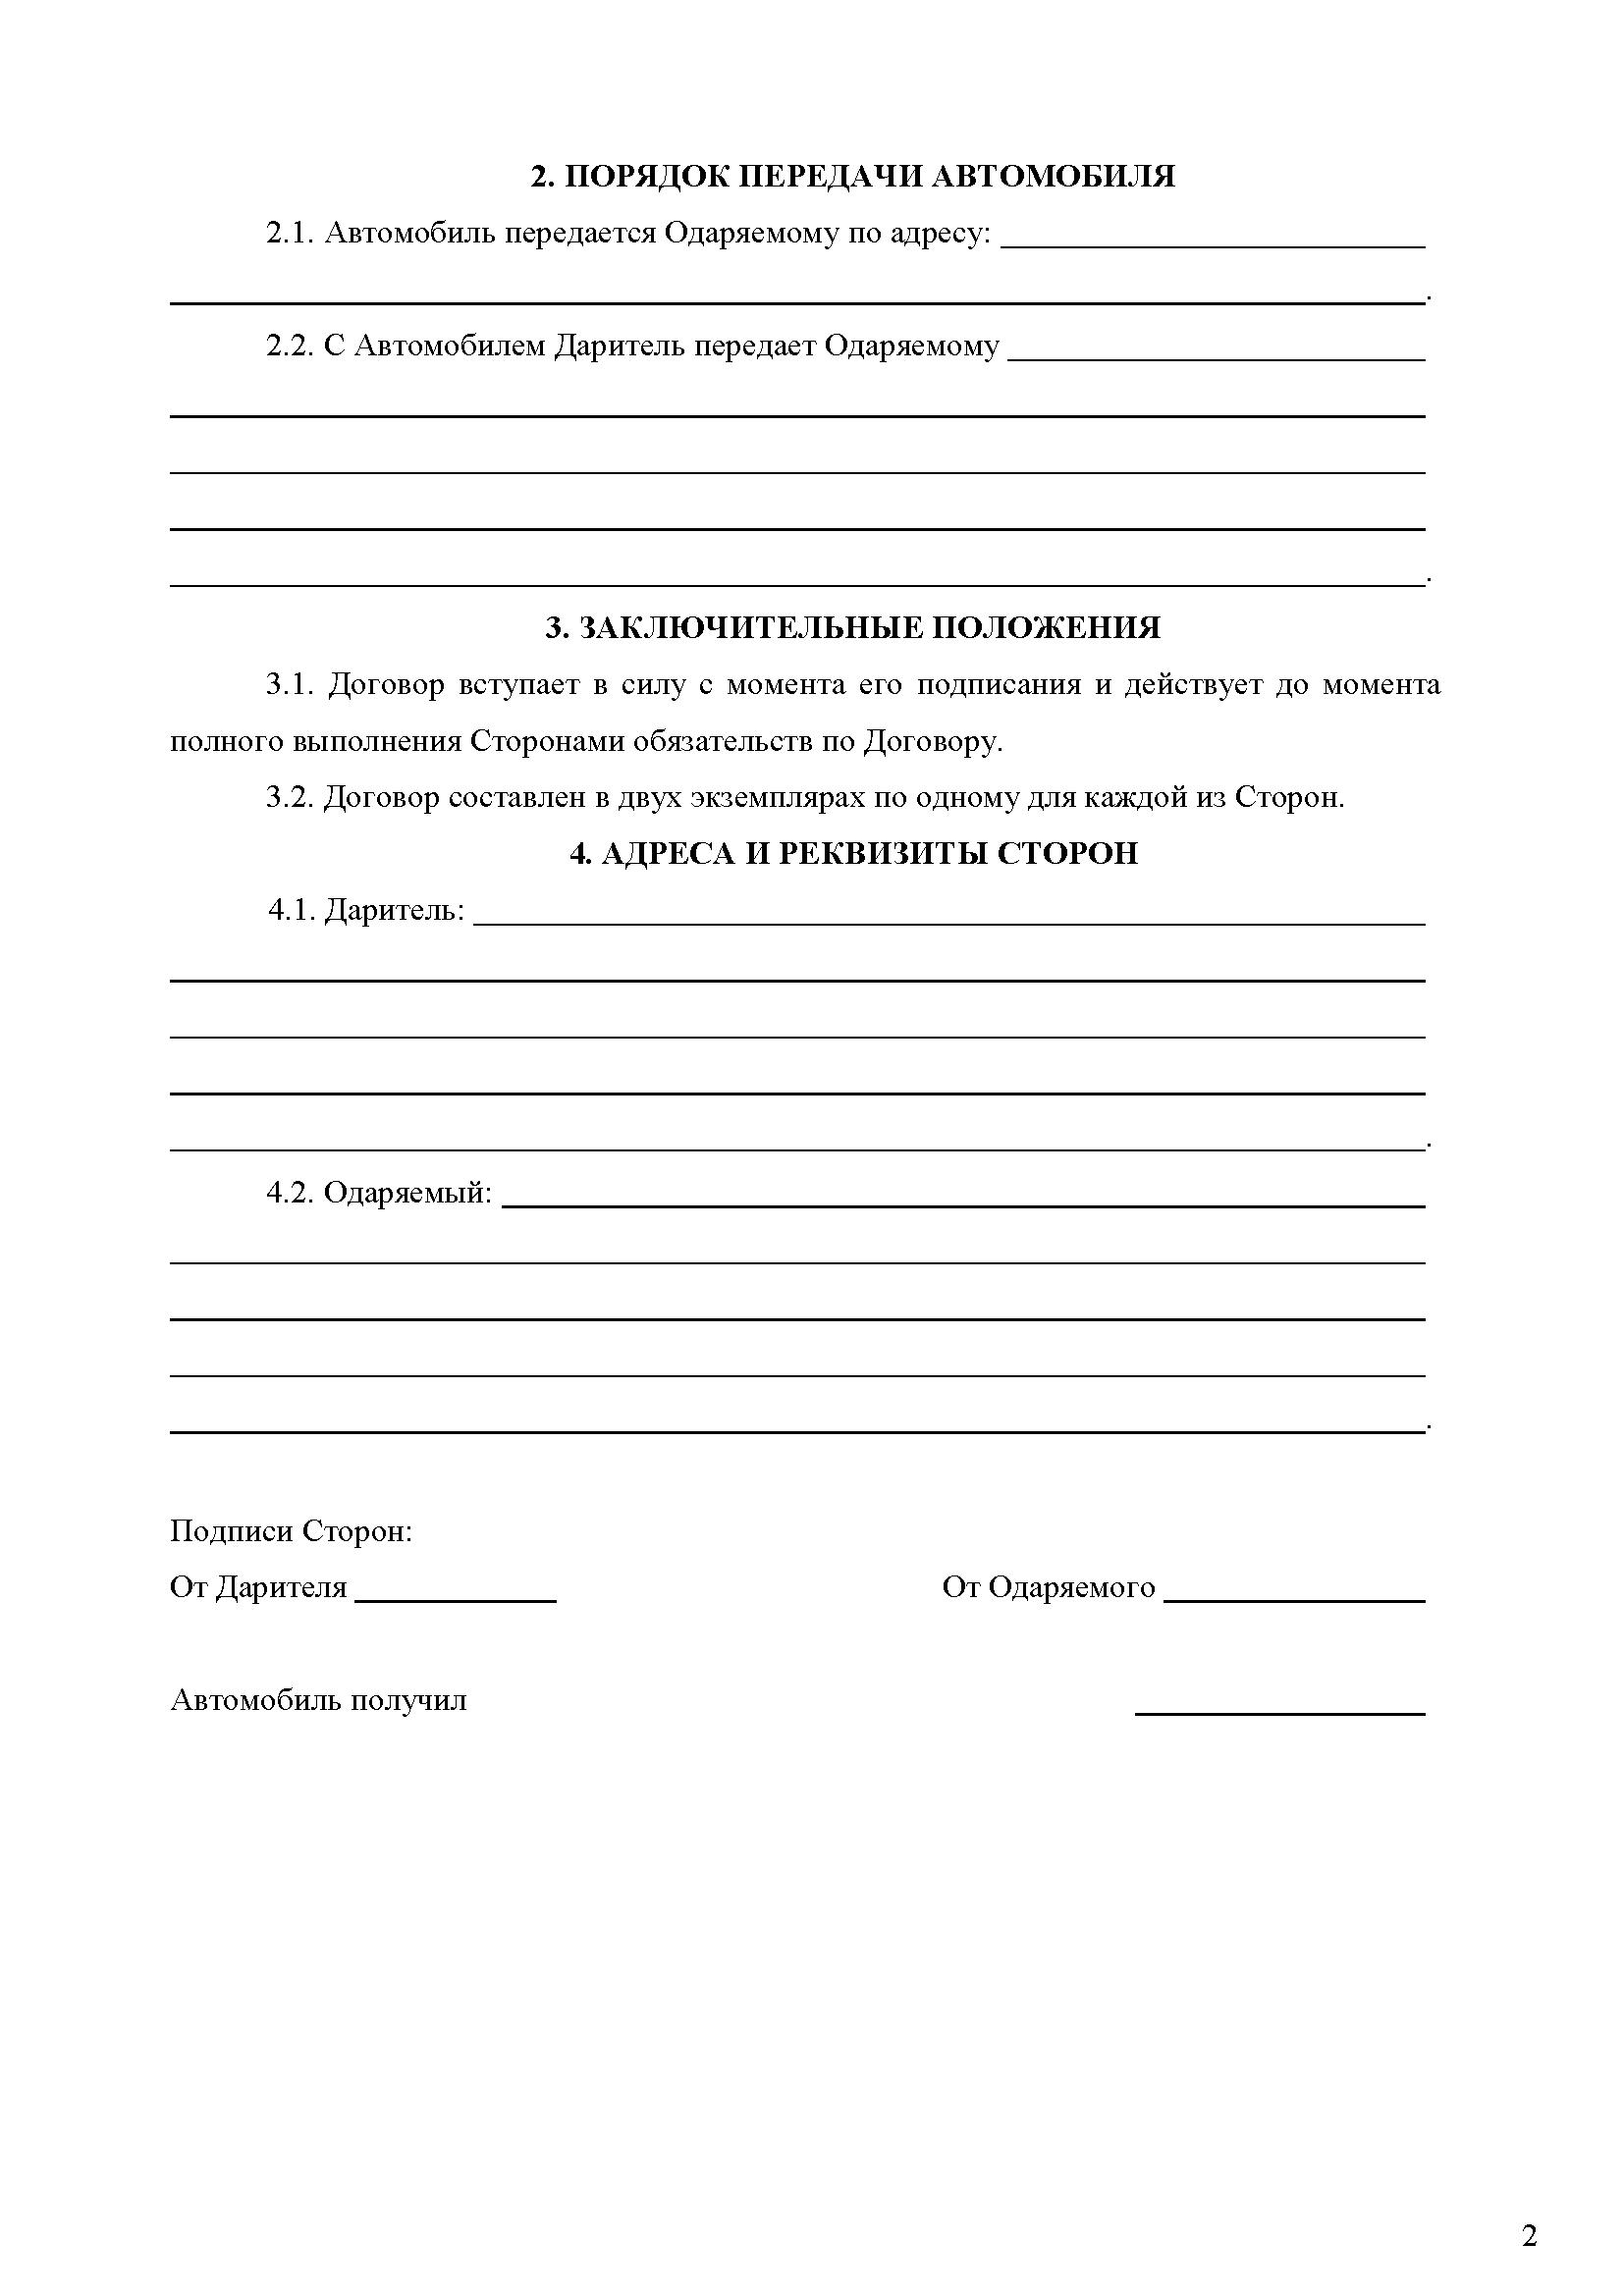 Инструкция по государственной регистрации договоров дарения